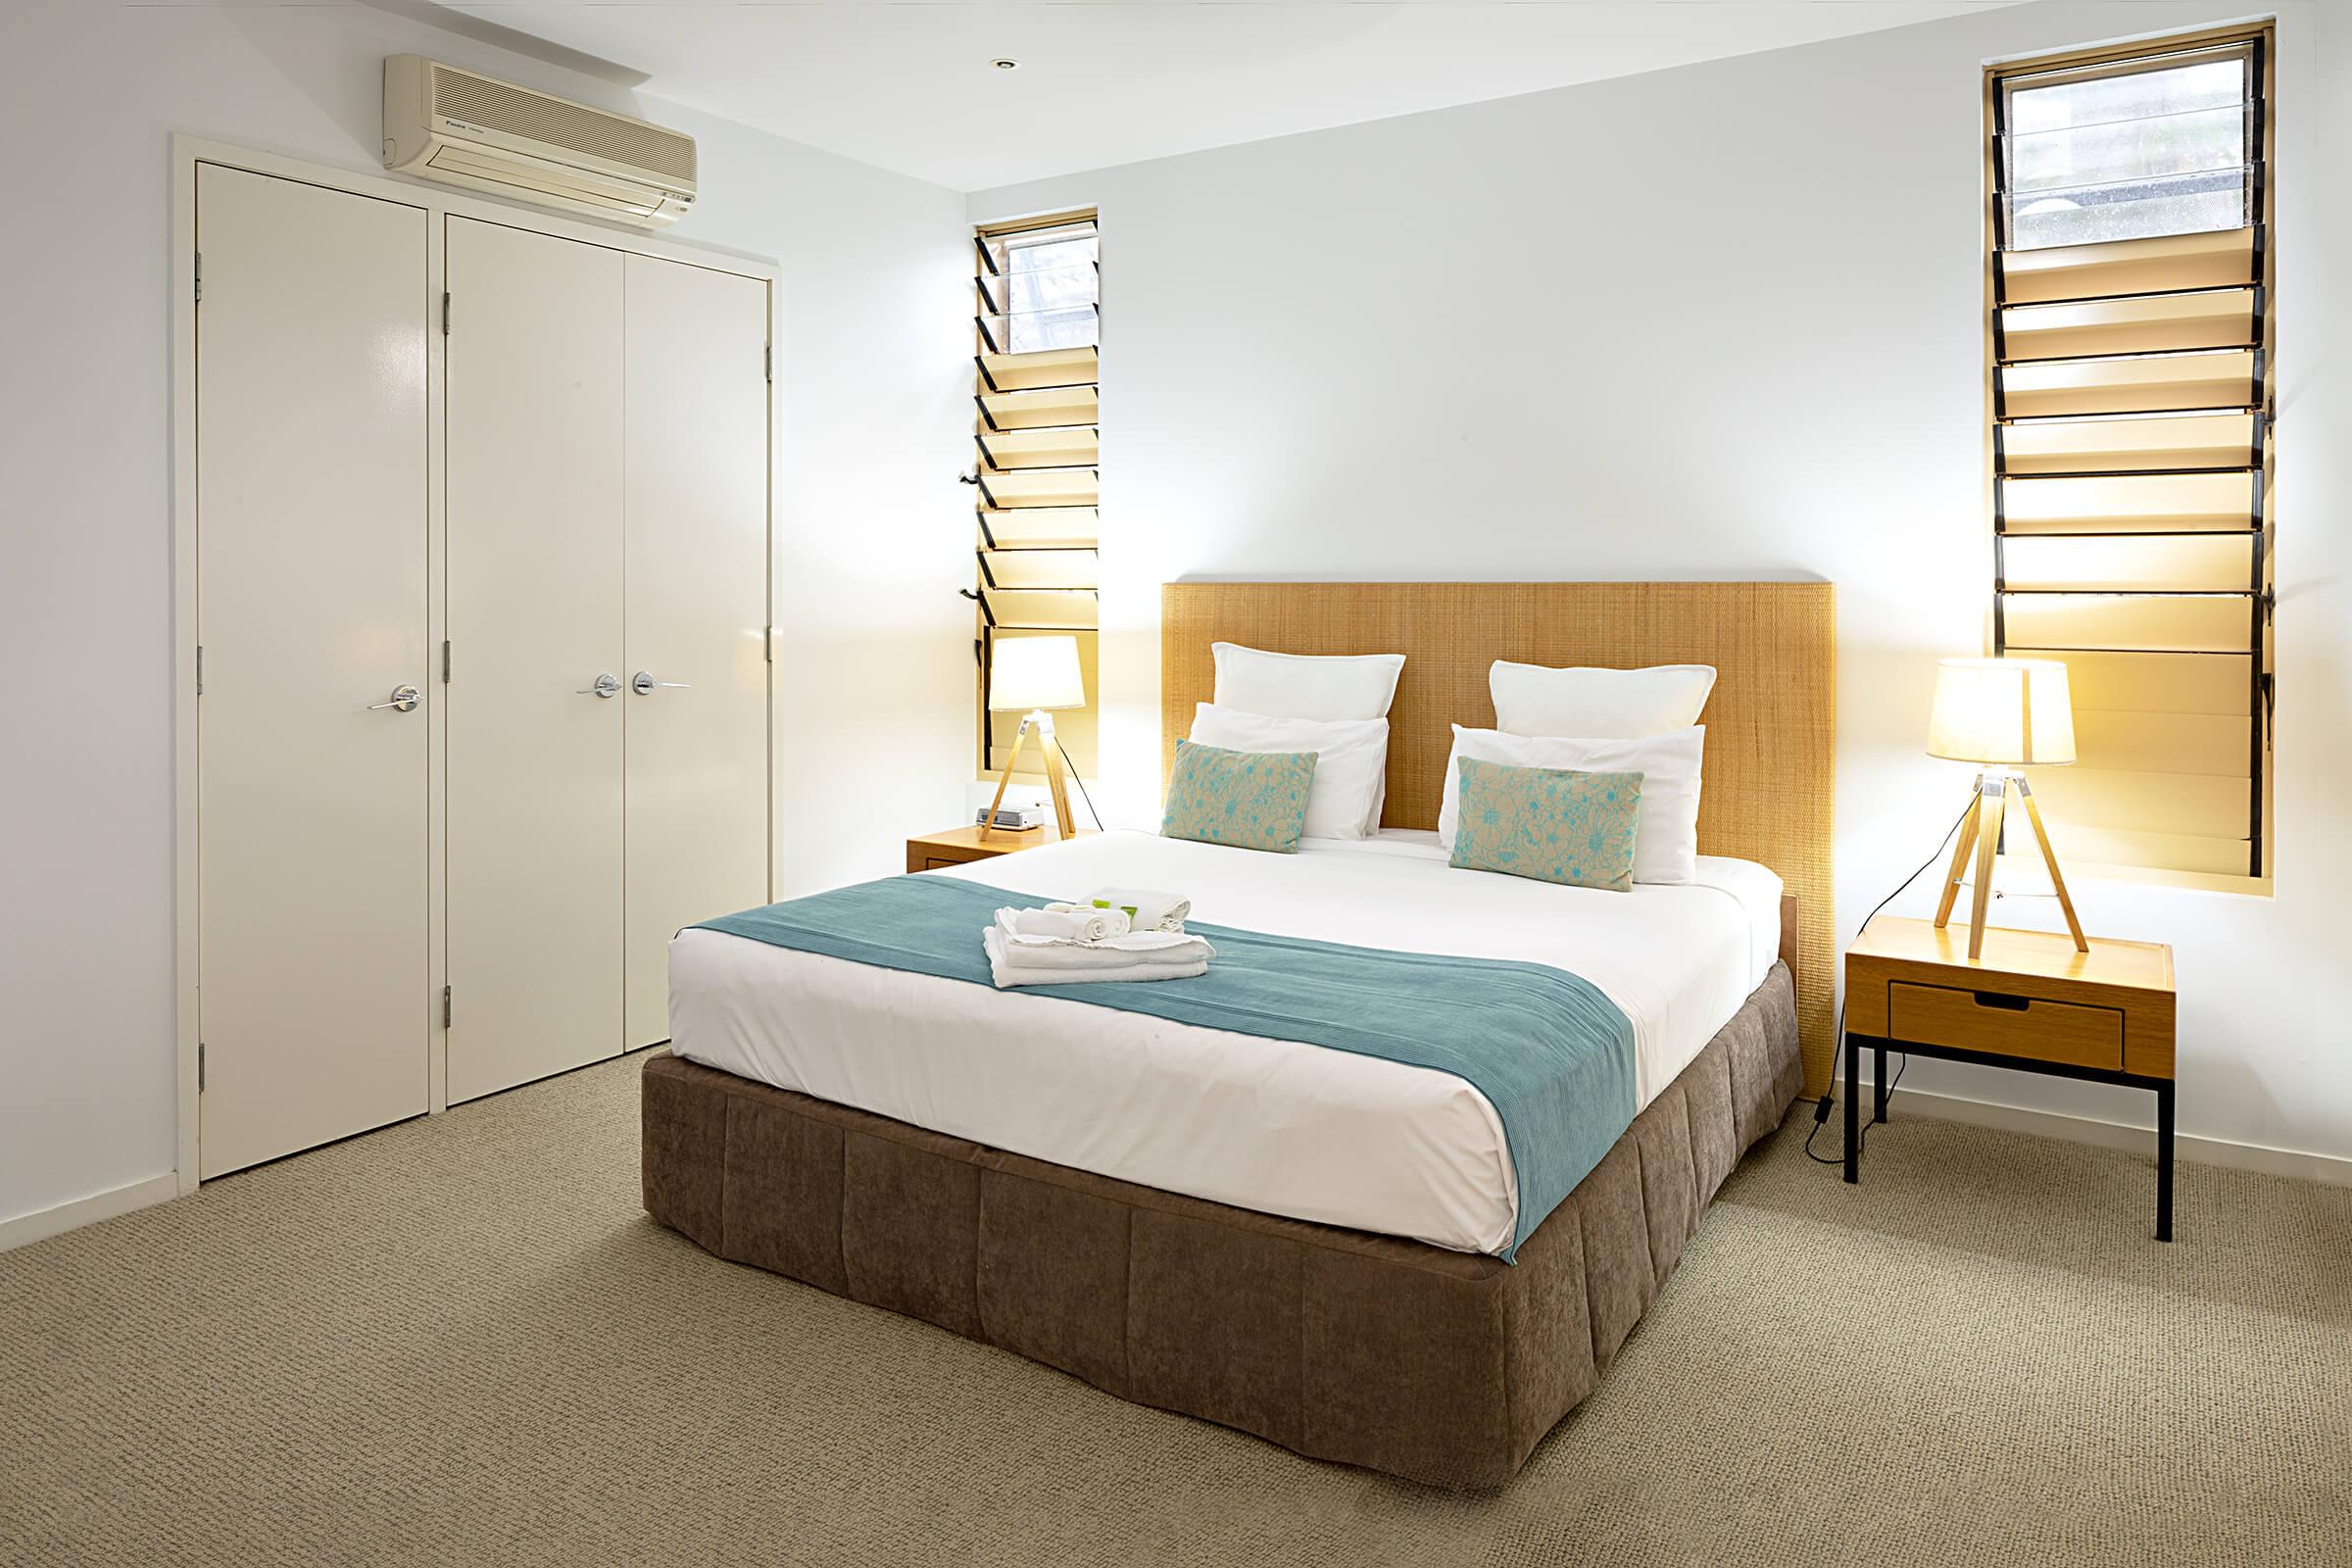 bedroom in resort hotel